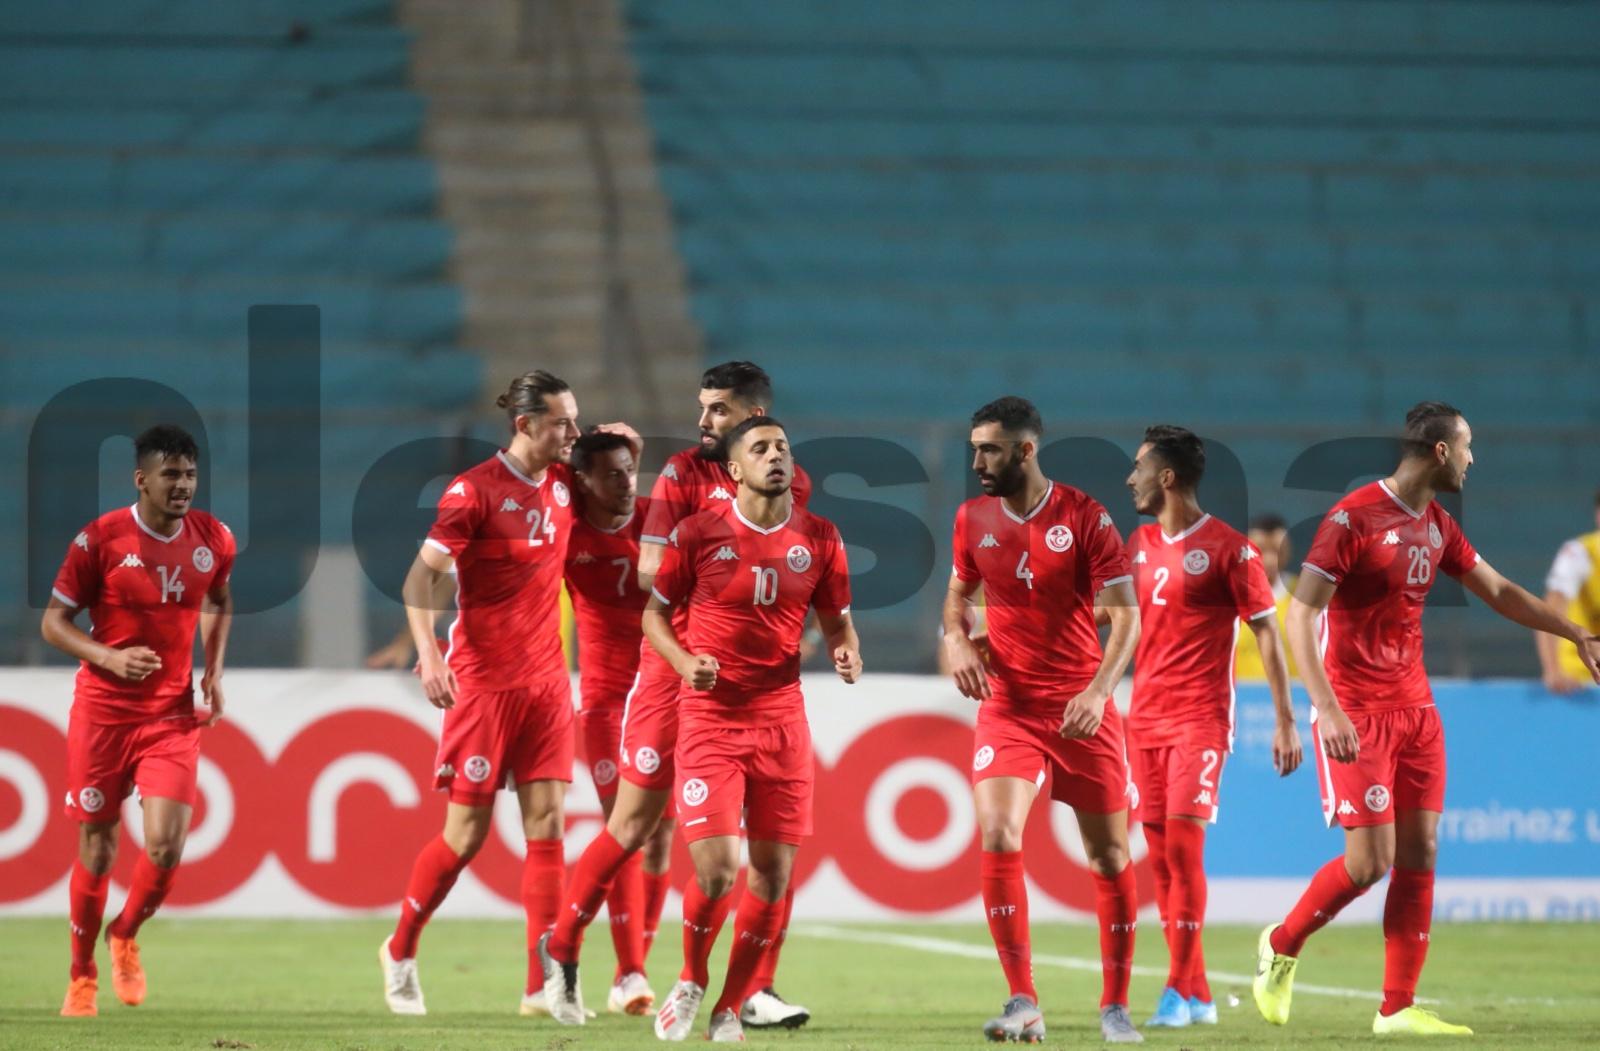 صور الشوط الثاني لمواجهة المنتخب الوطني التونسي ونظيره الموريتاني